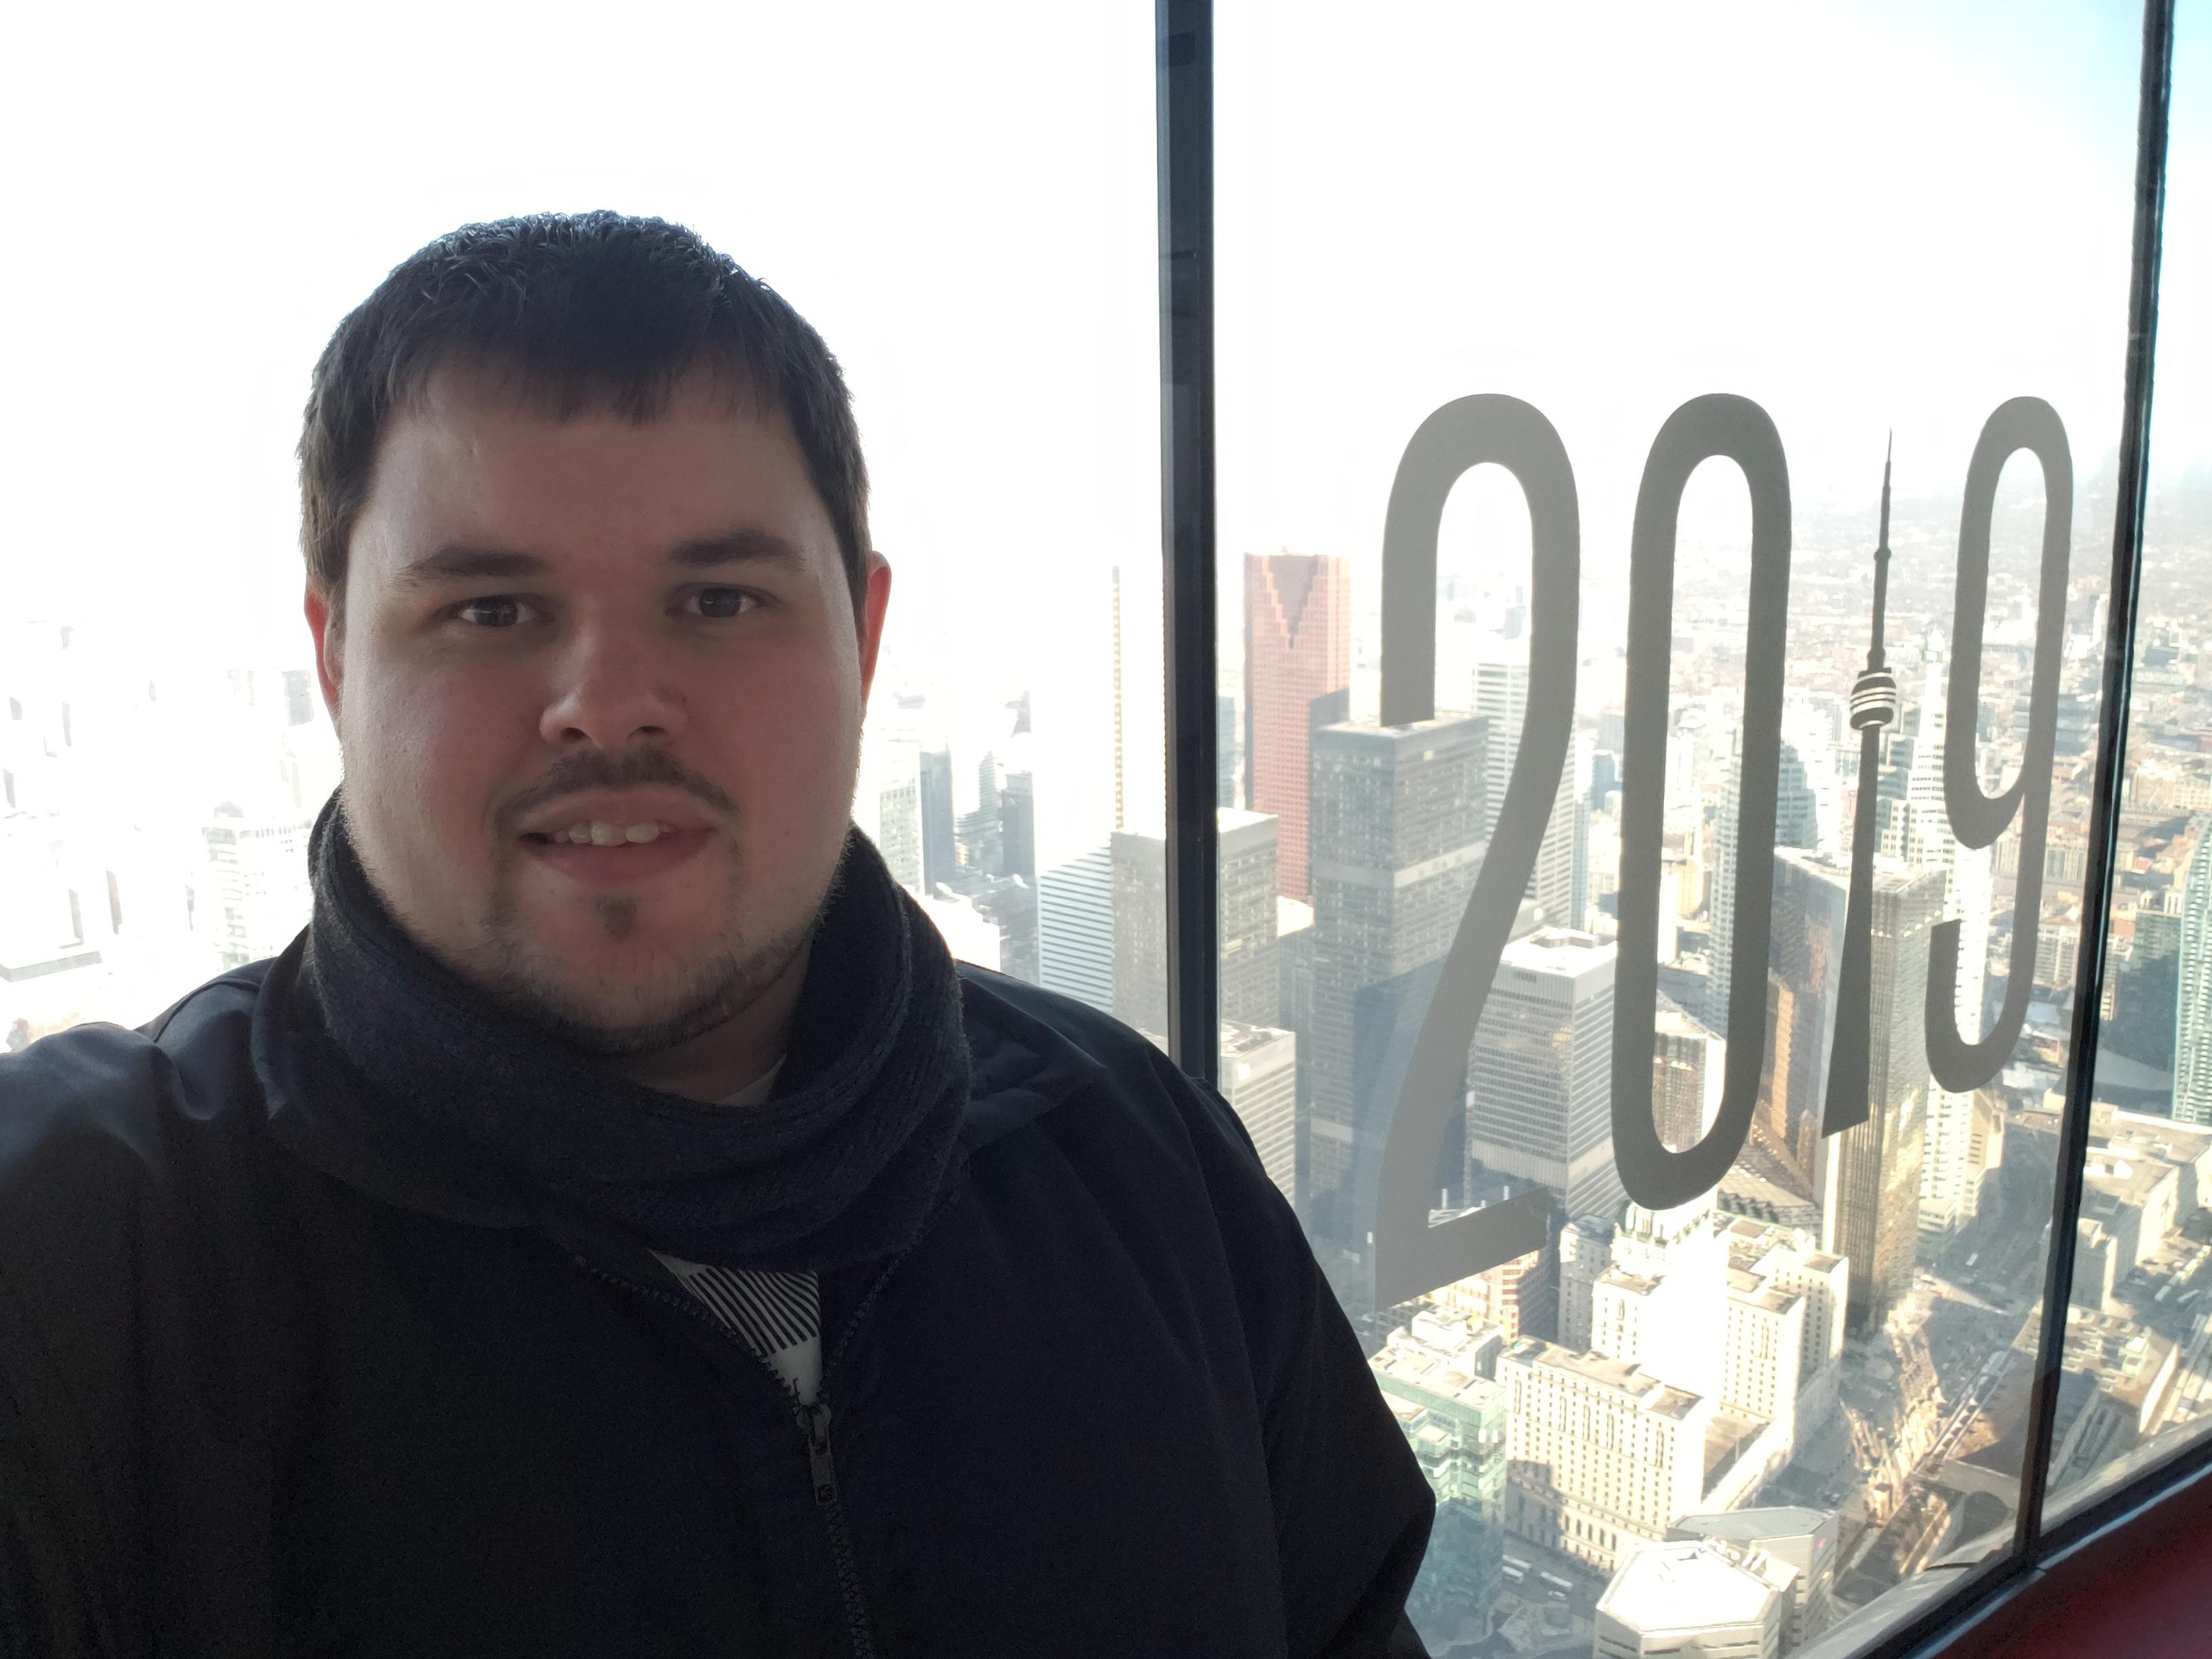 Felipe Panegalli